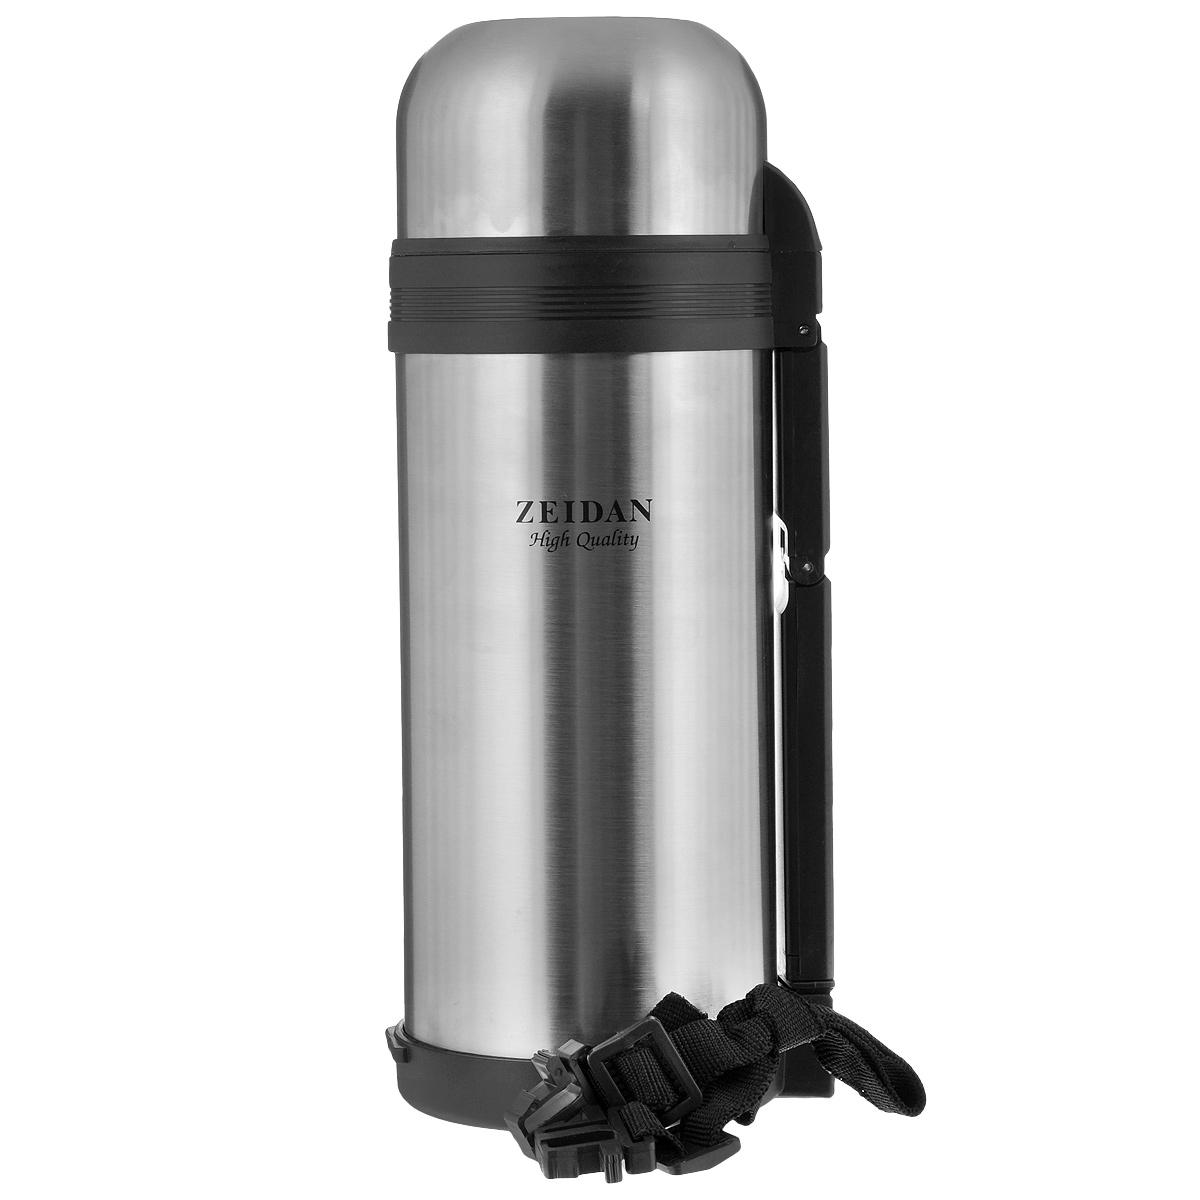 Термос Zeidan Sean, 1,5 лZ-9015 SeanТермос с универсальным горлом Zeidan Sean, изготовленный из высококачественной нержавеющей стали и пластика, является простым в использовании, экономичным и многофункциональным. Термос с вакуумной изоляцией предназначен для хранения горячих и холодных напитков (чая, кофе). Изделие укомплектовано пробкой с кнопкой, дополнительной пластиковой чашей и удобной складной ручкой для переноски. Пробка удобна в использовании и позволяет, не отвинчивая ее, наливать напитки после простого нажатия кнопки. Изделие также оснащено крышкой-чашкой. Легкий и прочный термос Zeidan Sean сохранит ваши напитки горячими или холодными надолго.Высота (с учетом крышки): 29 см.Диаметр горлышка: 7,5 см. Диаметр основания: 10,5 см.